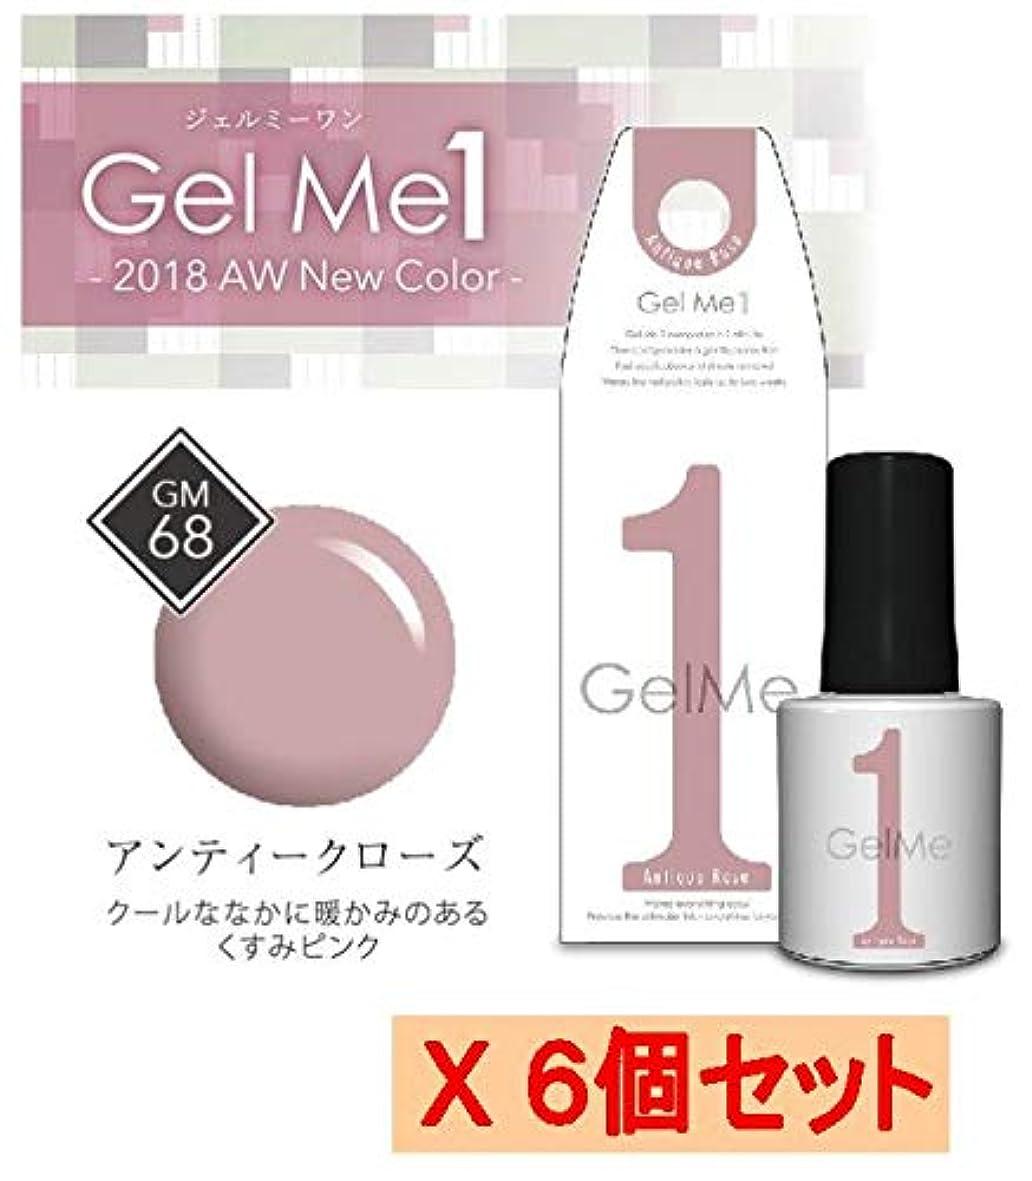 呼吸悲惨クリスチャンジェルミーワン[GelMe1] GM-68 アンティークローズ 【セルフ ジェルネイル ジェル】 X6個セット